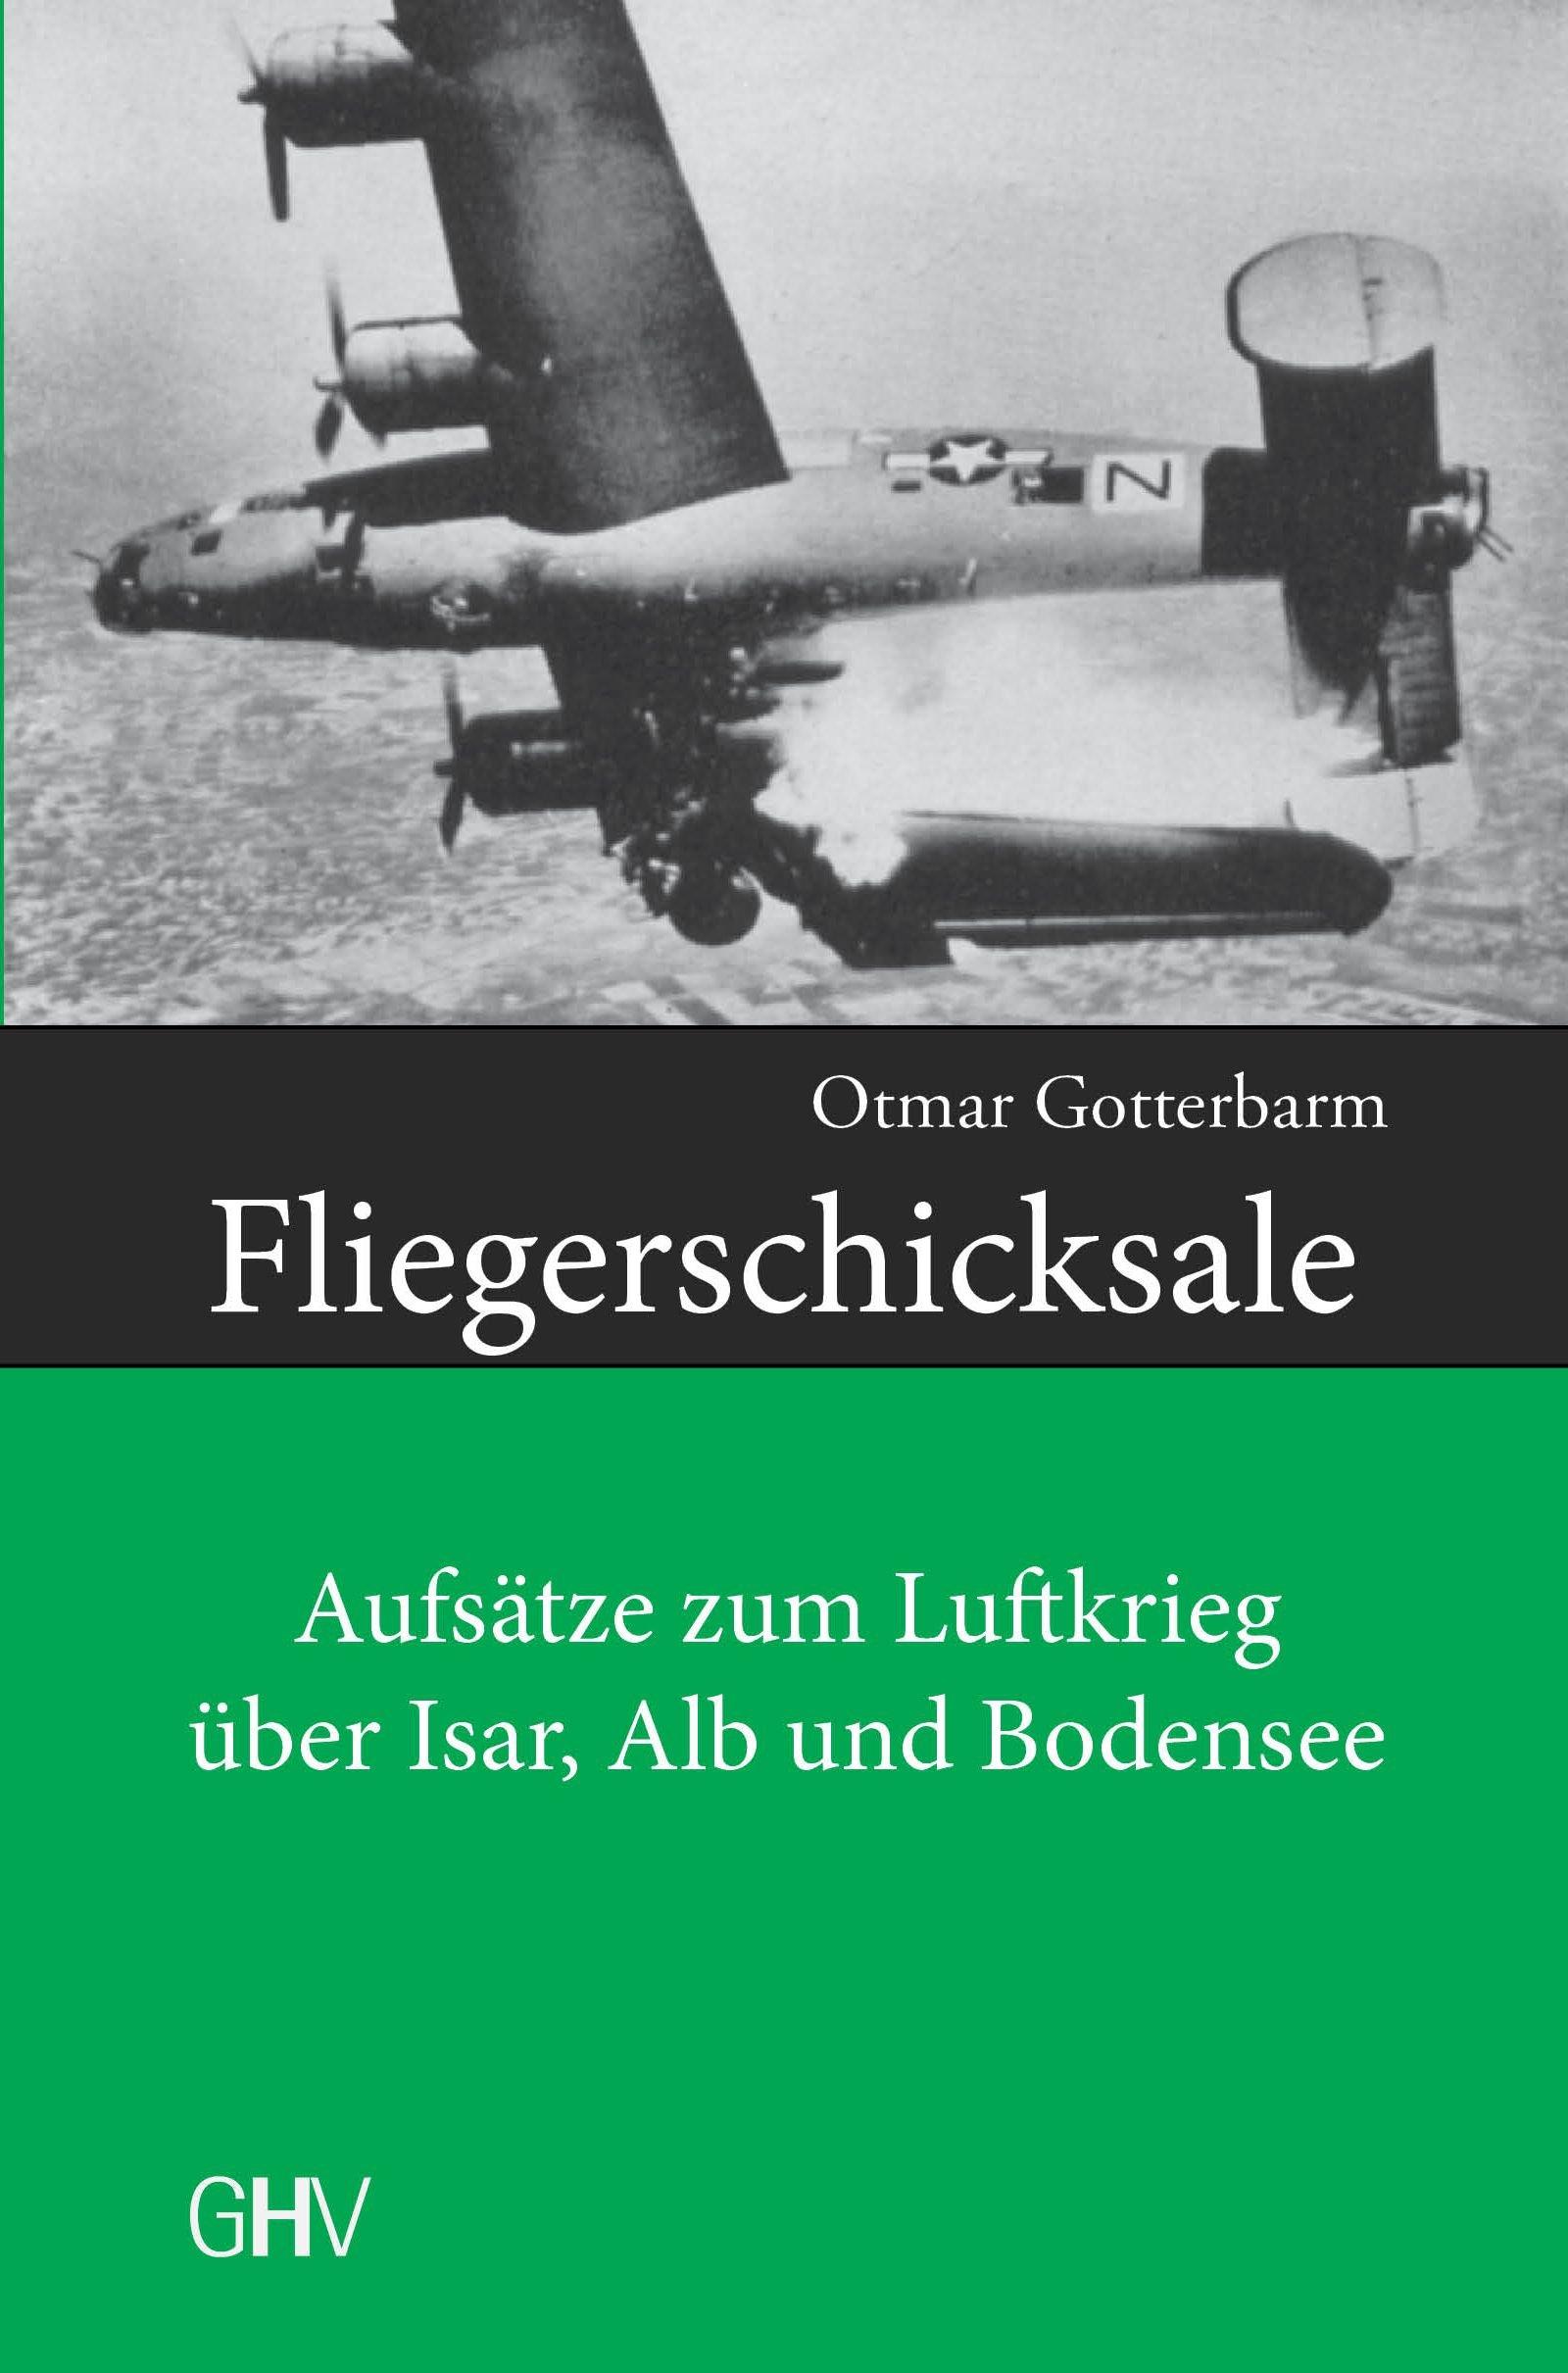 Fliegerschicksale: Aufsätze zum Luftkrieg über Isar, Alb und Bodensee